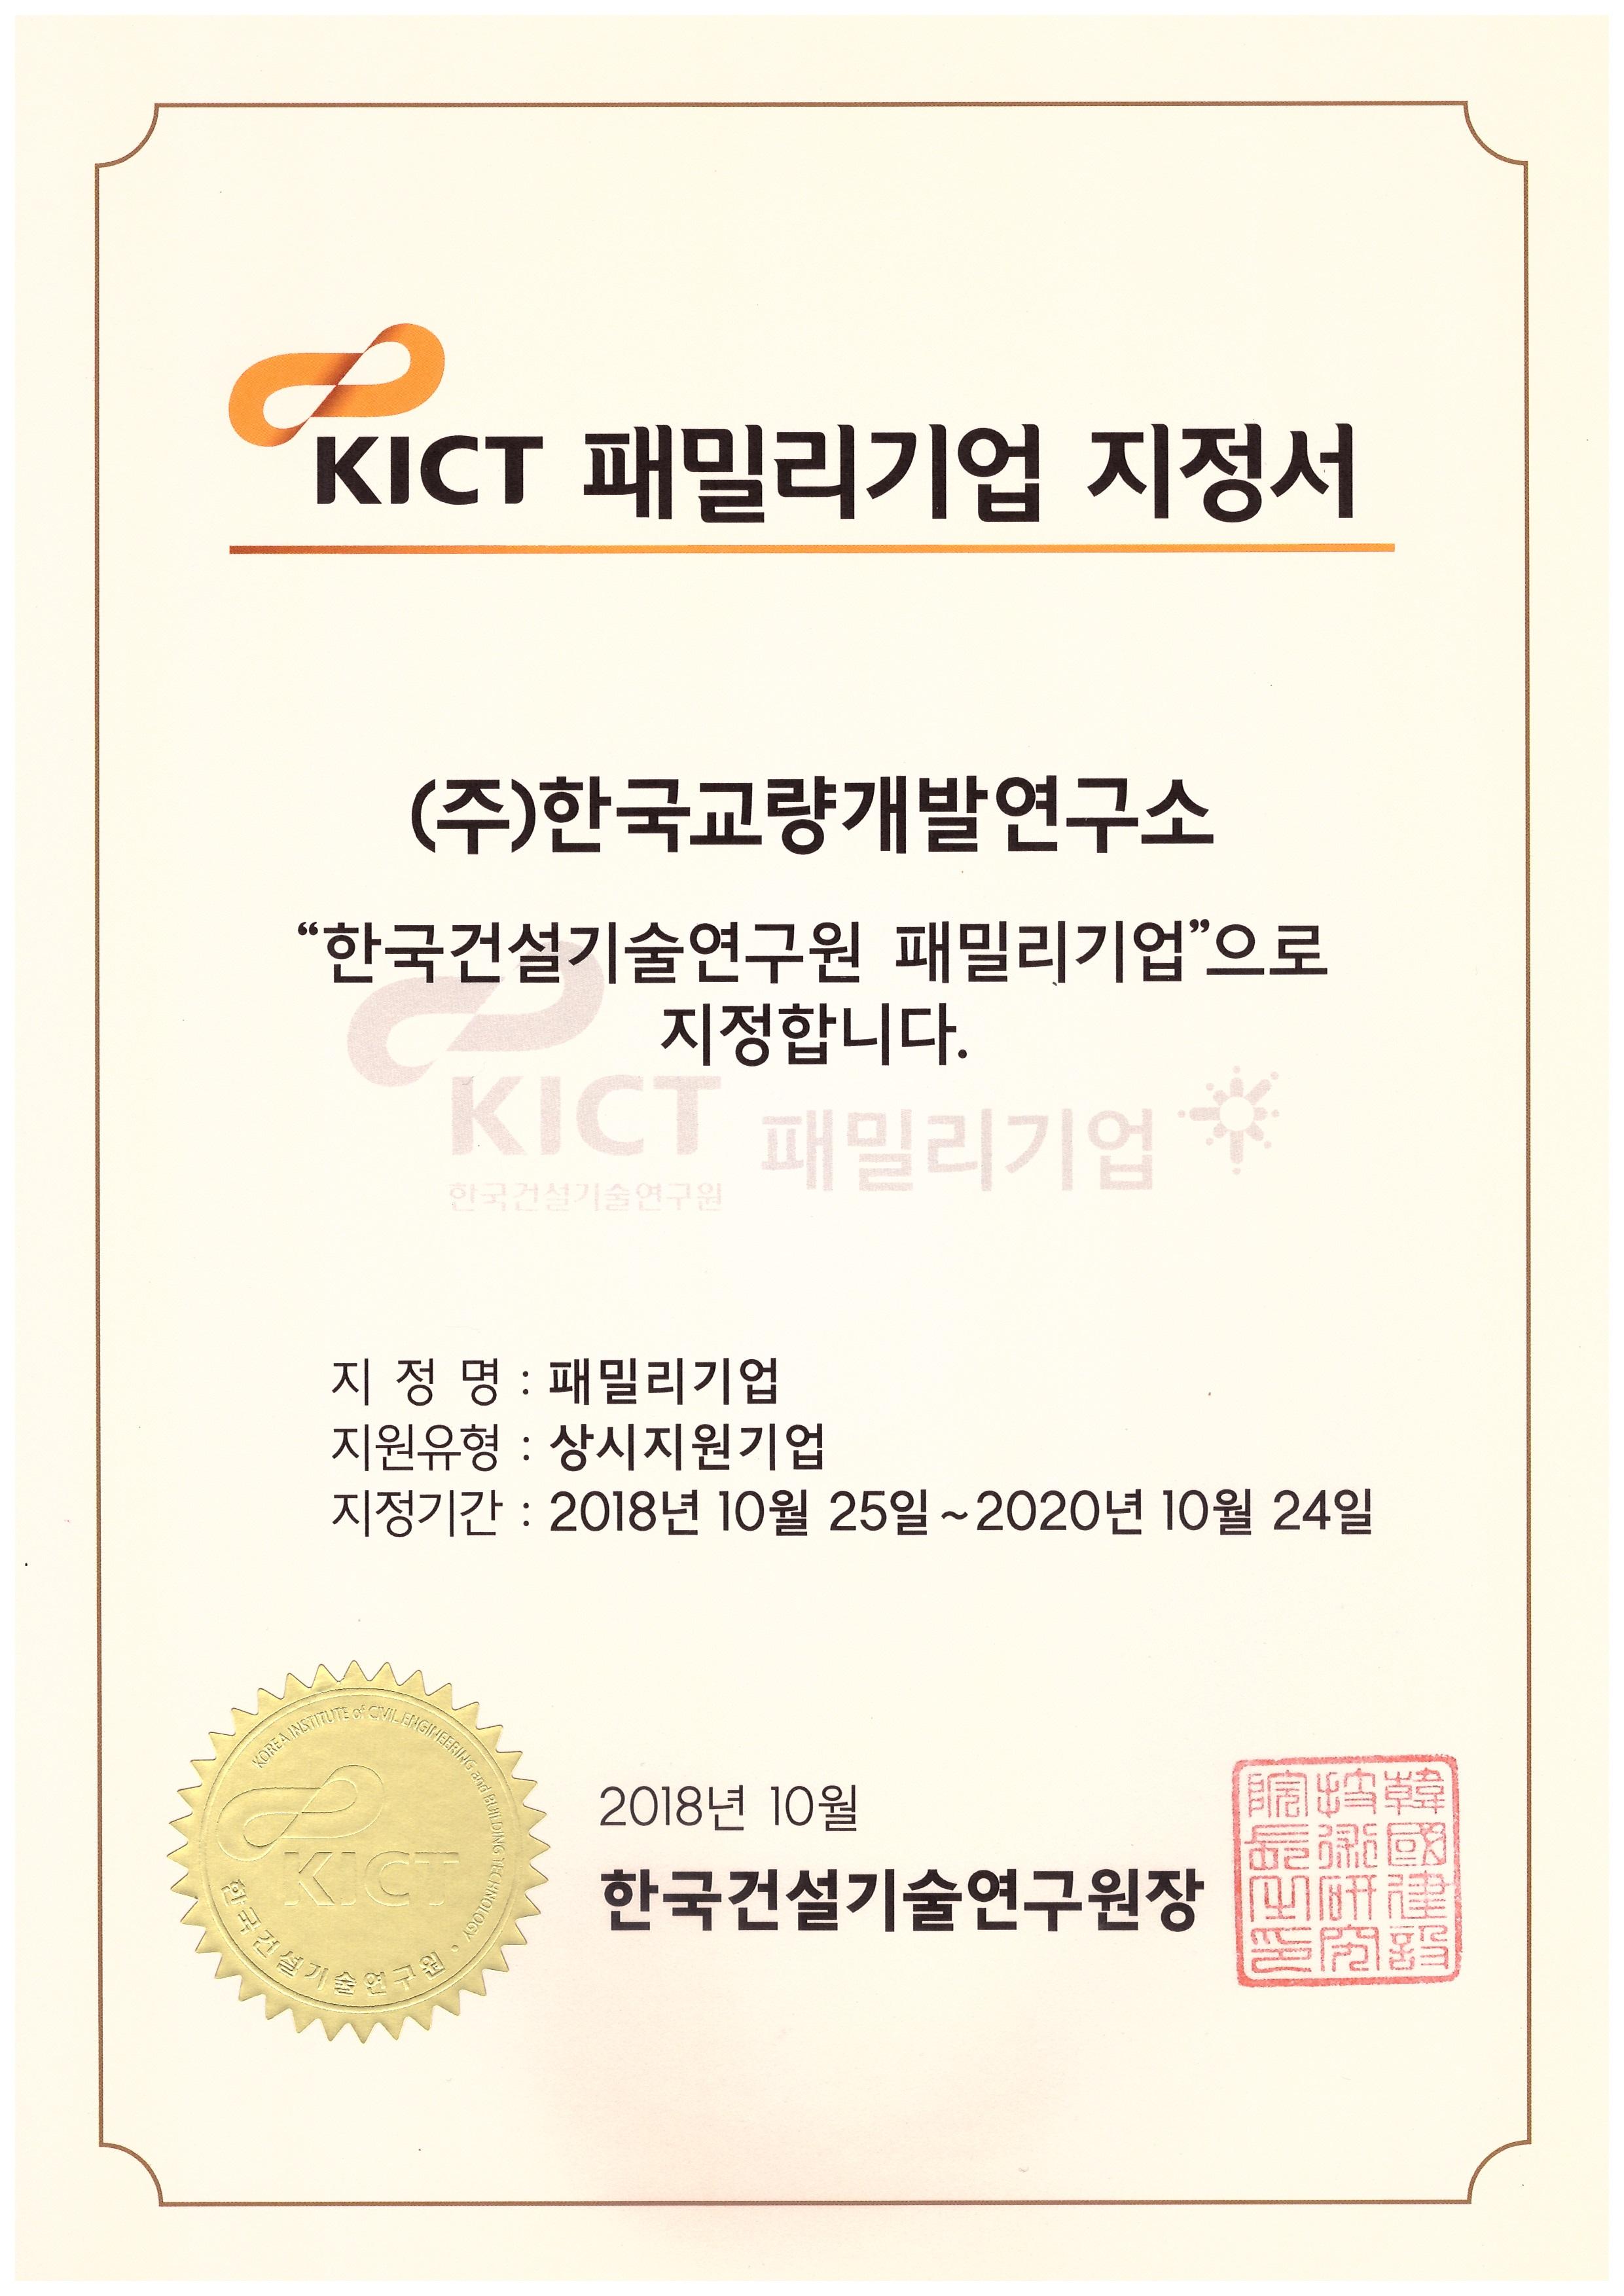 한국건설기술연구원 패밀리기업 지정